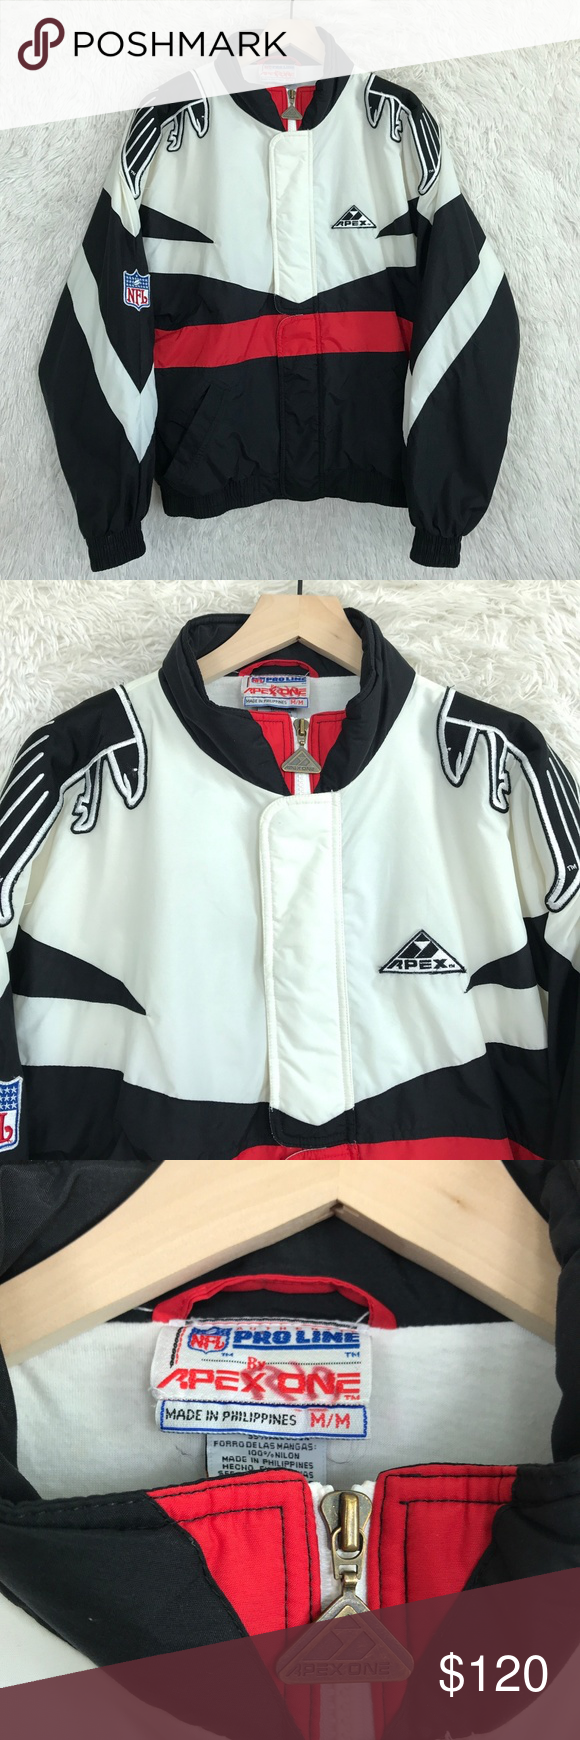 Atlanta Falcons Jacket Nfl Pro Line Vintage 90s Clothes Design Fashion Jackets [ 1740 x 580 Pixel ]